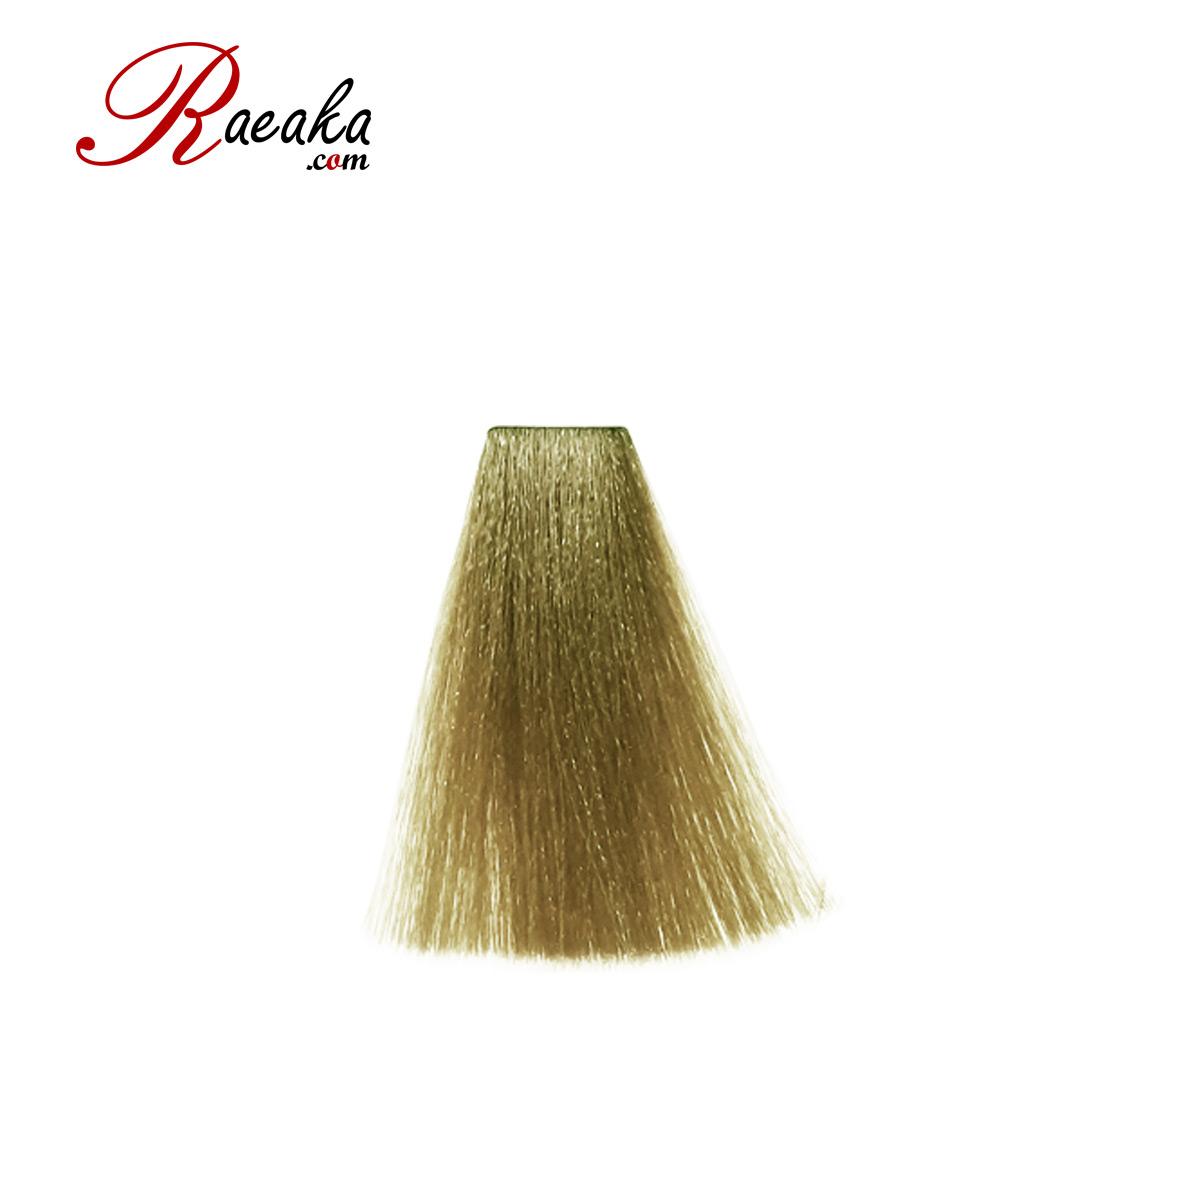 رنگ مو دوشس سری بژ شماره 31-8 حجم 125 میلی لیتر